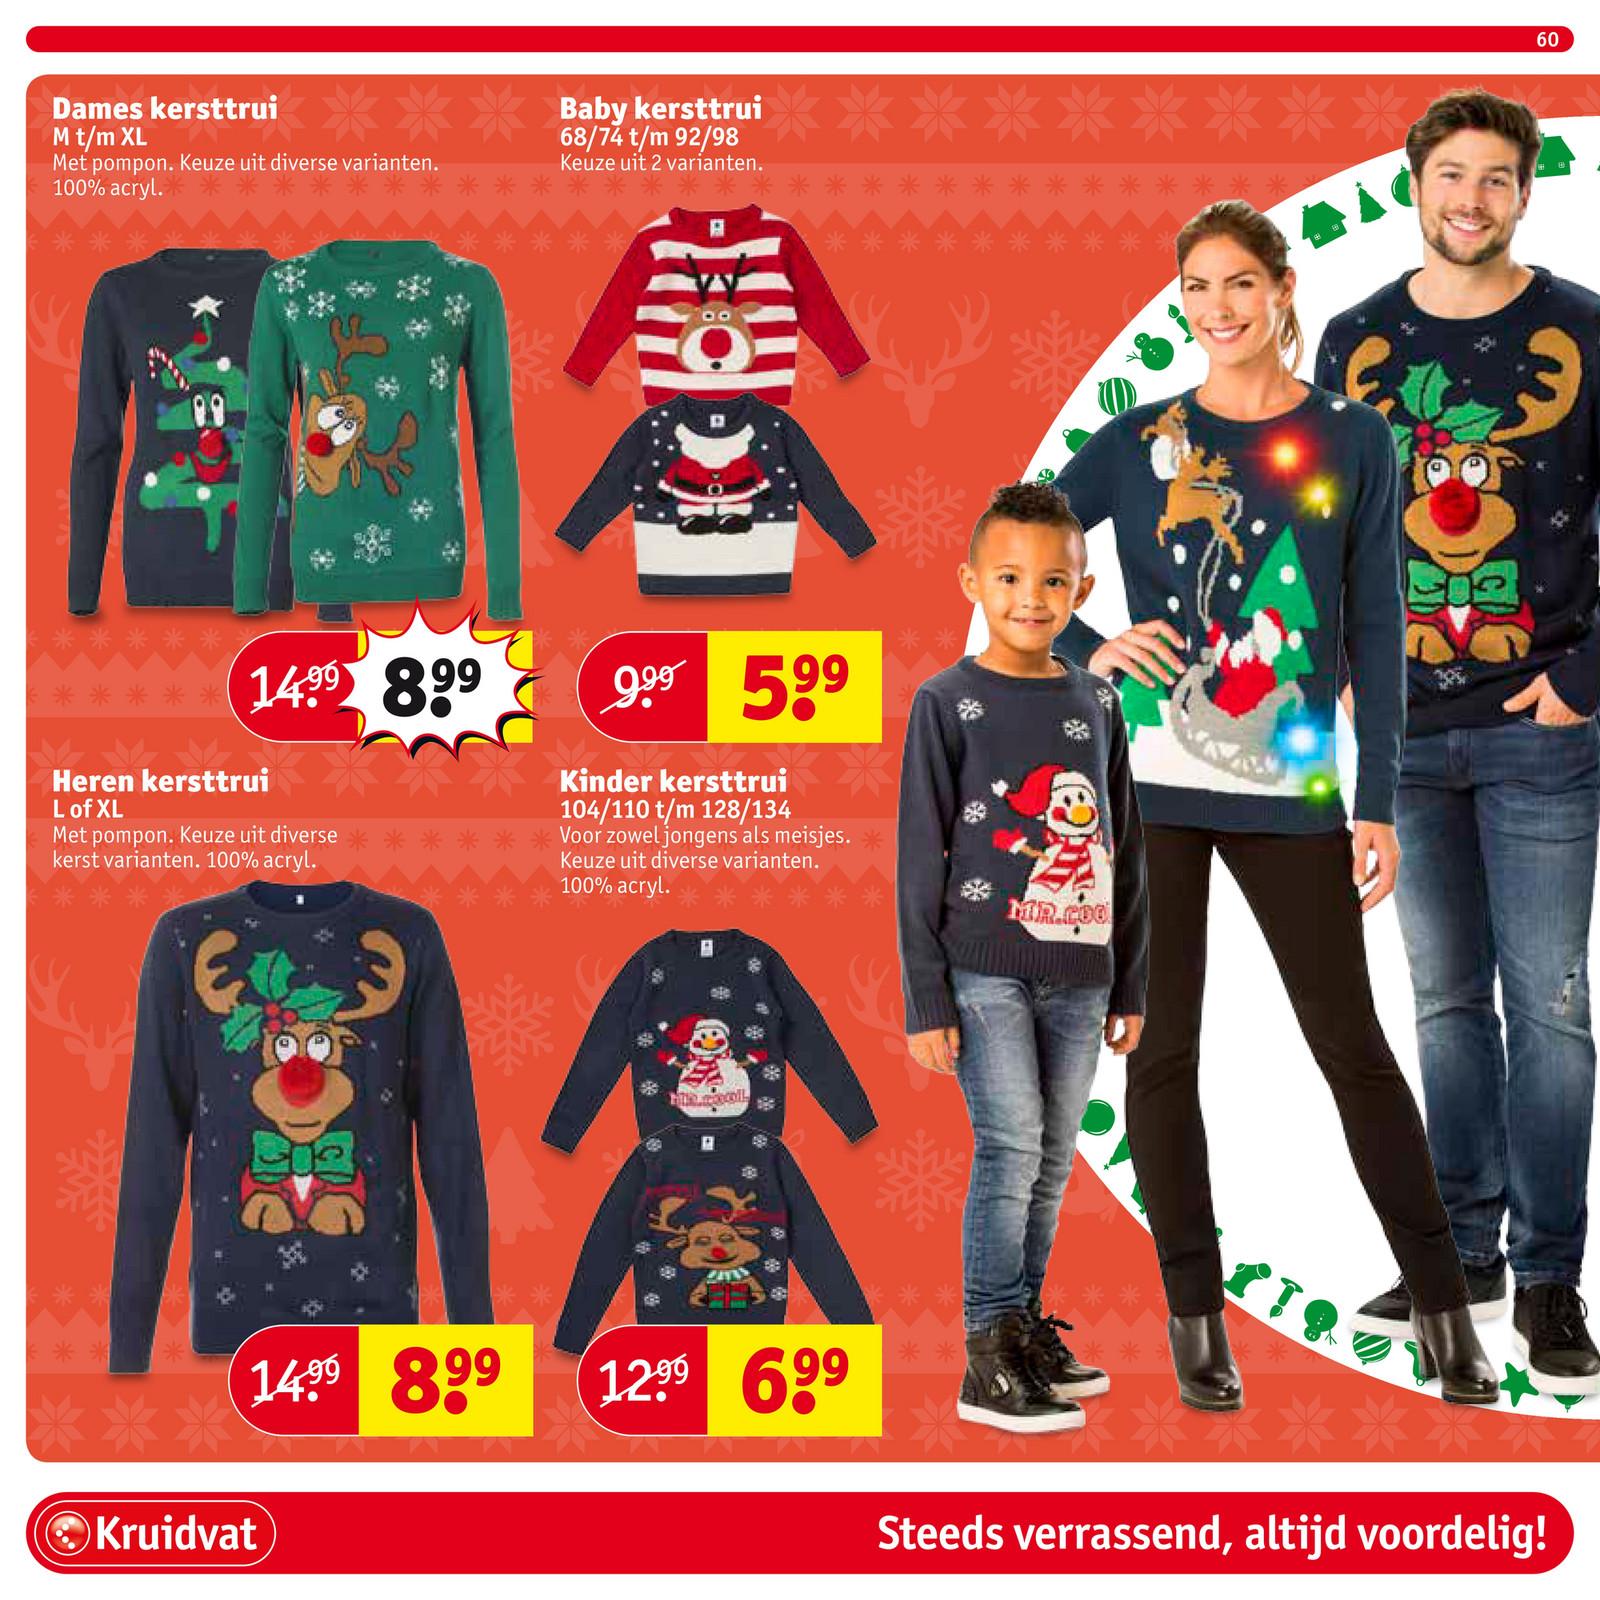 Kersttrui Xl.Kruidvat Nederland Kruidvat Folder Week 48 Cm Pagina 60 61